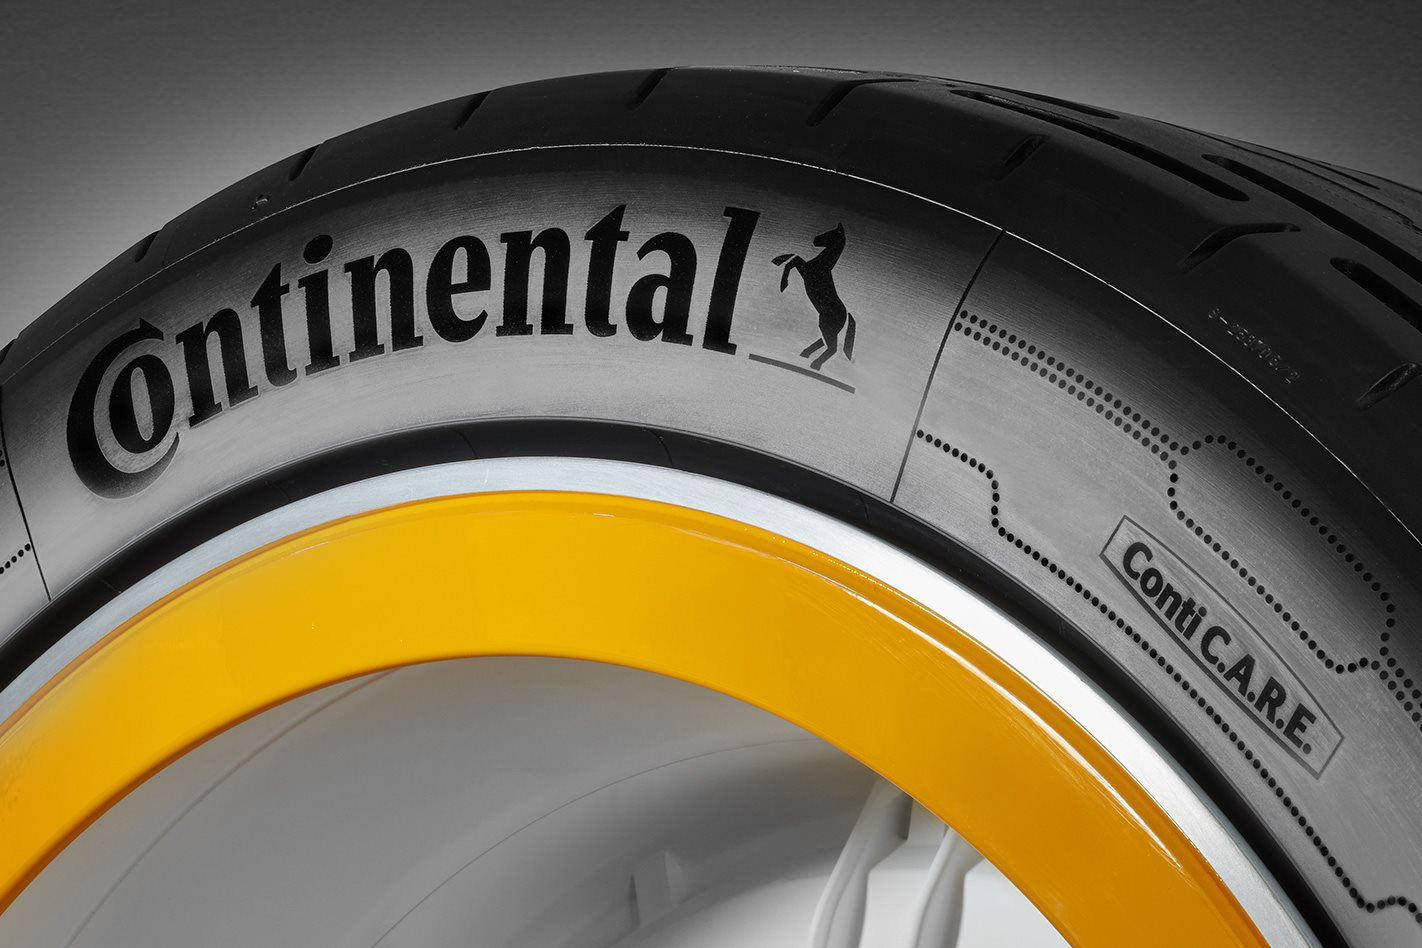 Tên nhà sản xuất hiển thị trên lốp xe